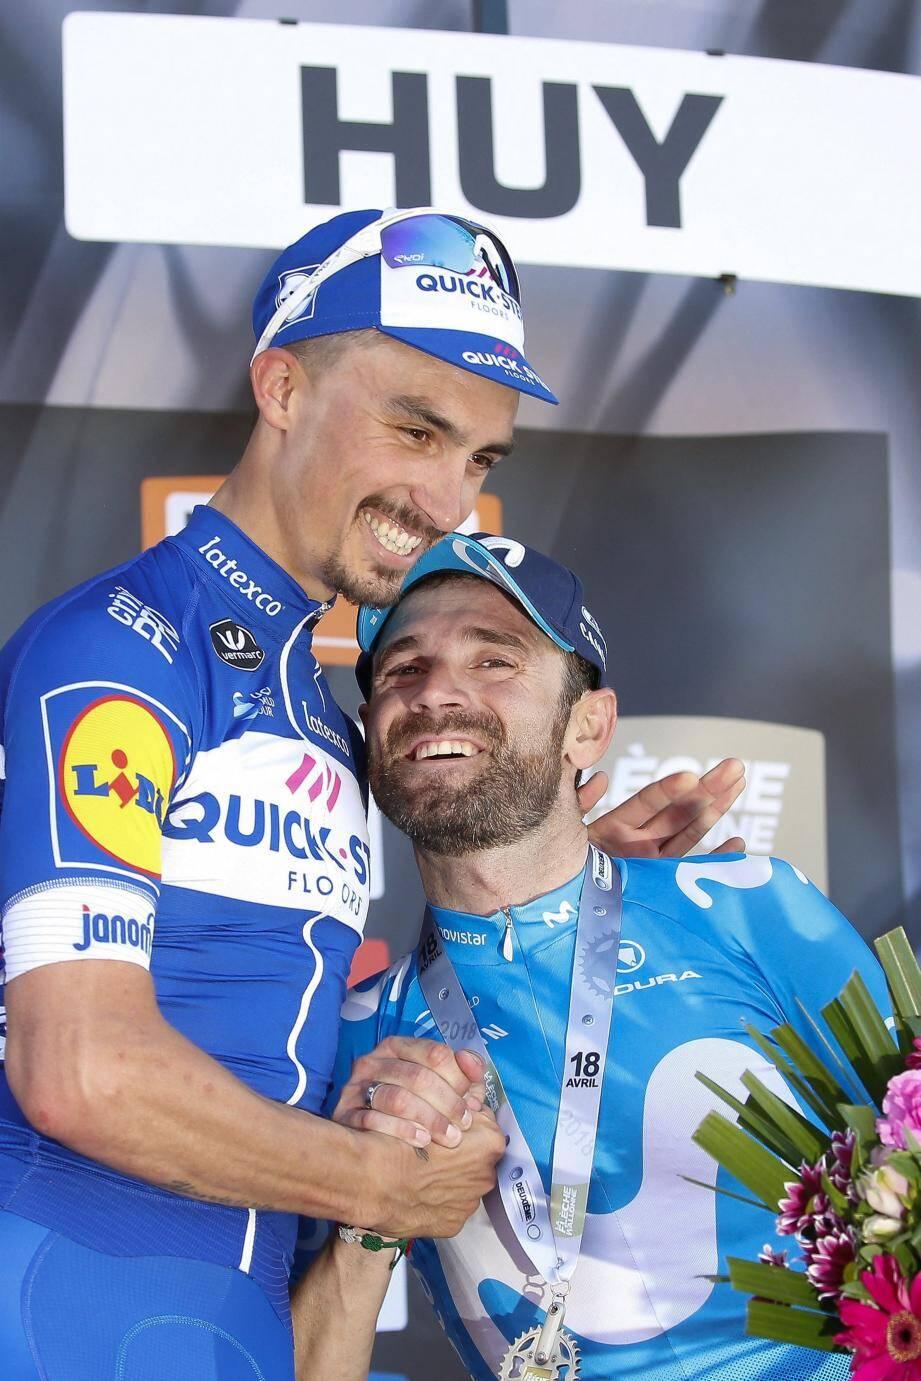 Alaphilippe et Valverde : chacun sa cible...